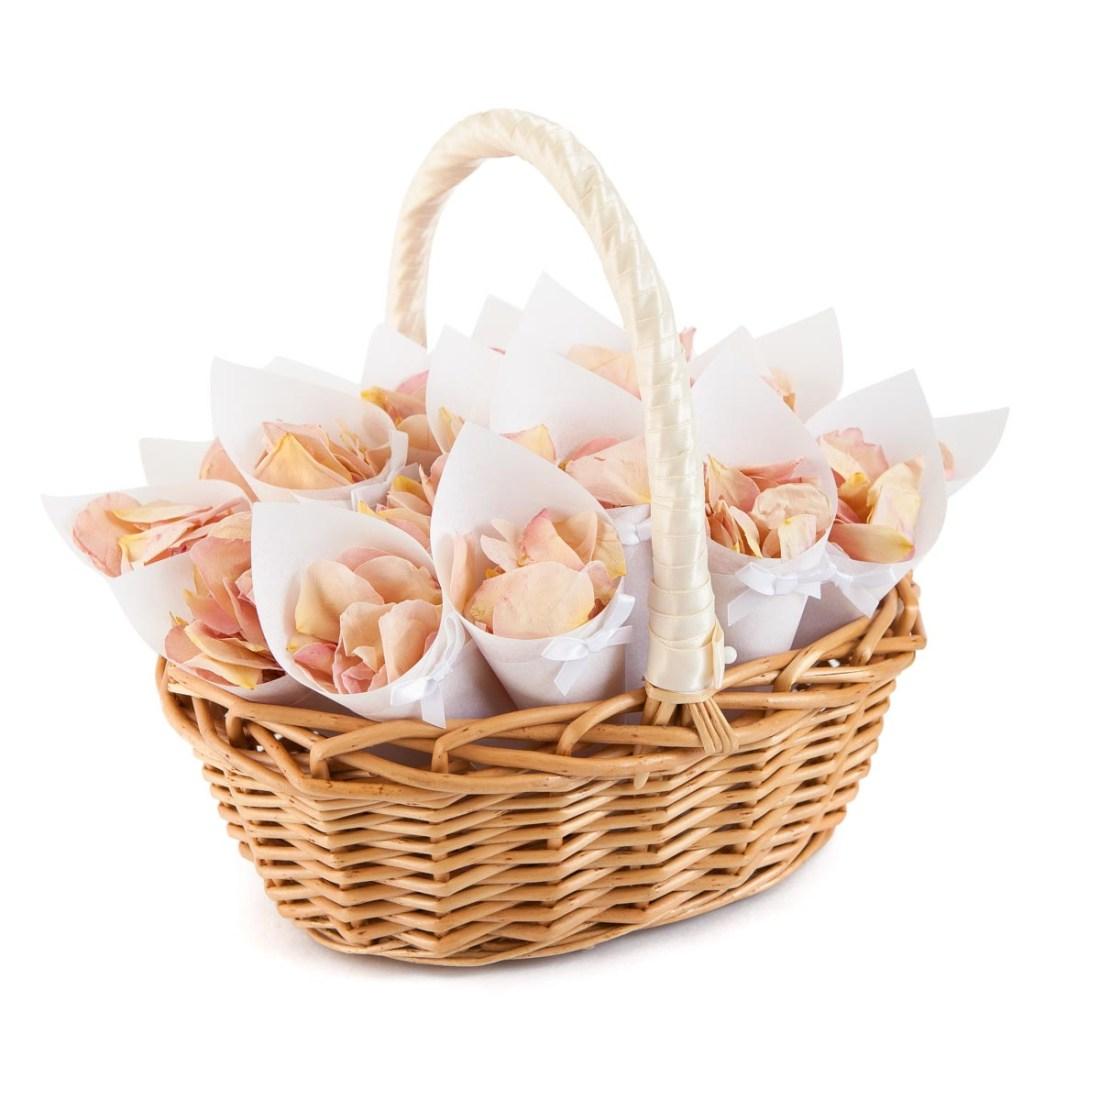 Confetti Moment - confetti cone rose petal basket